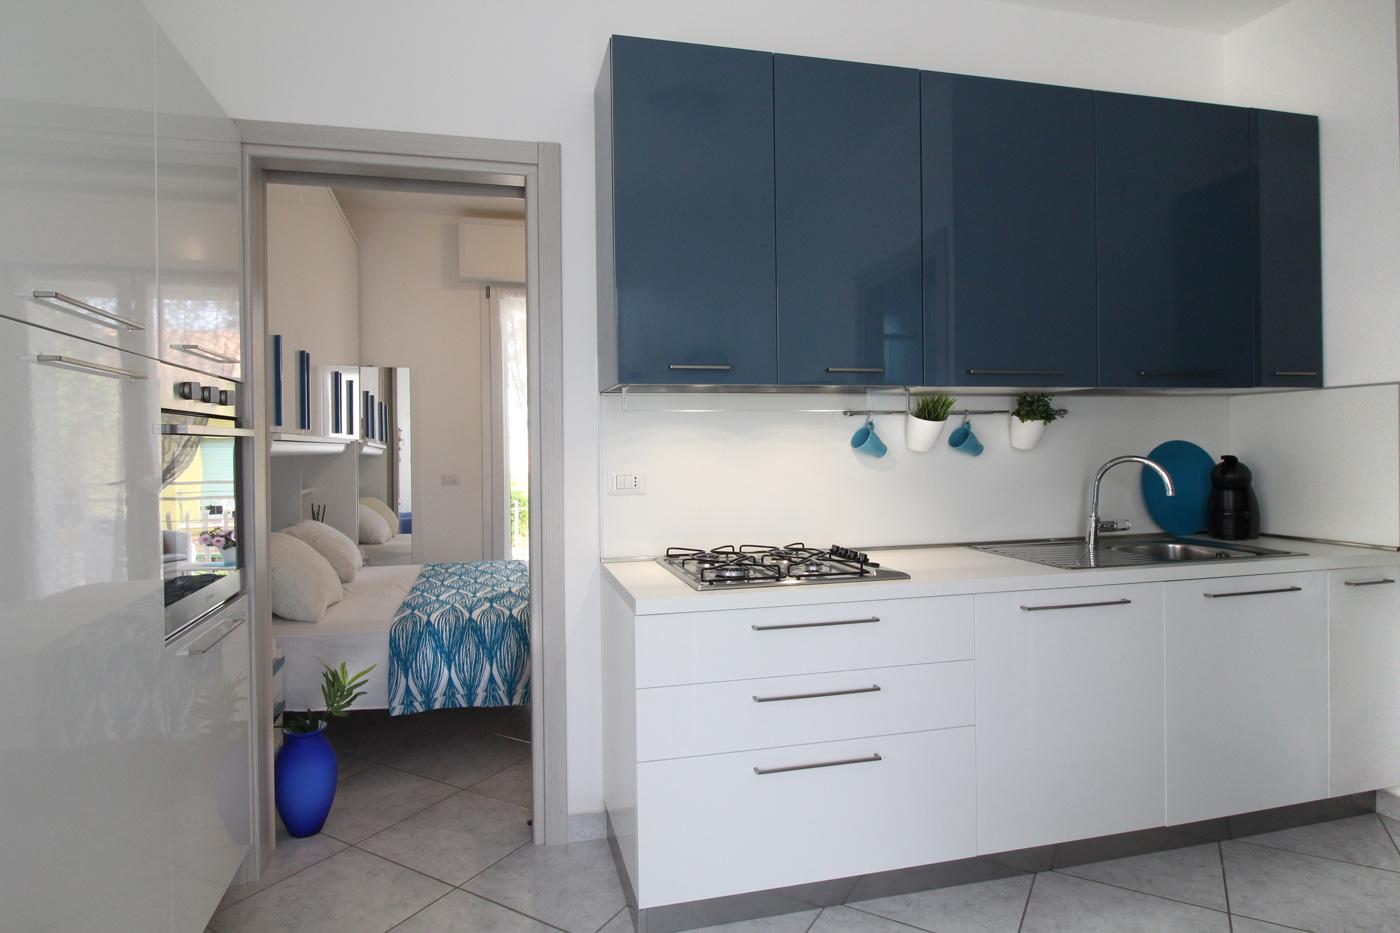 Appartamento sabrina romagna case vacanze-IMG_8673_2